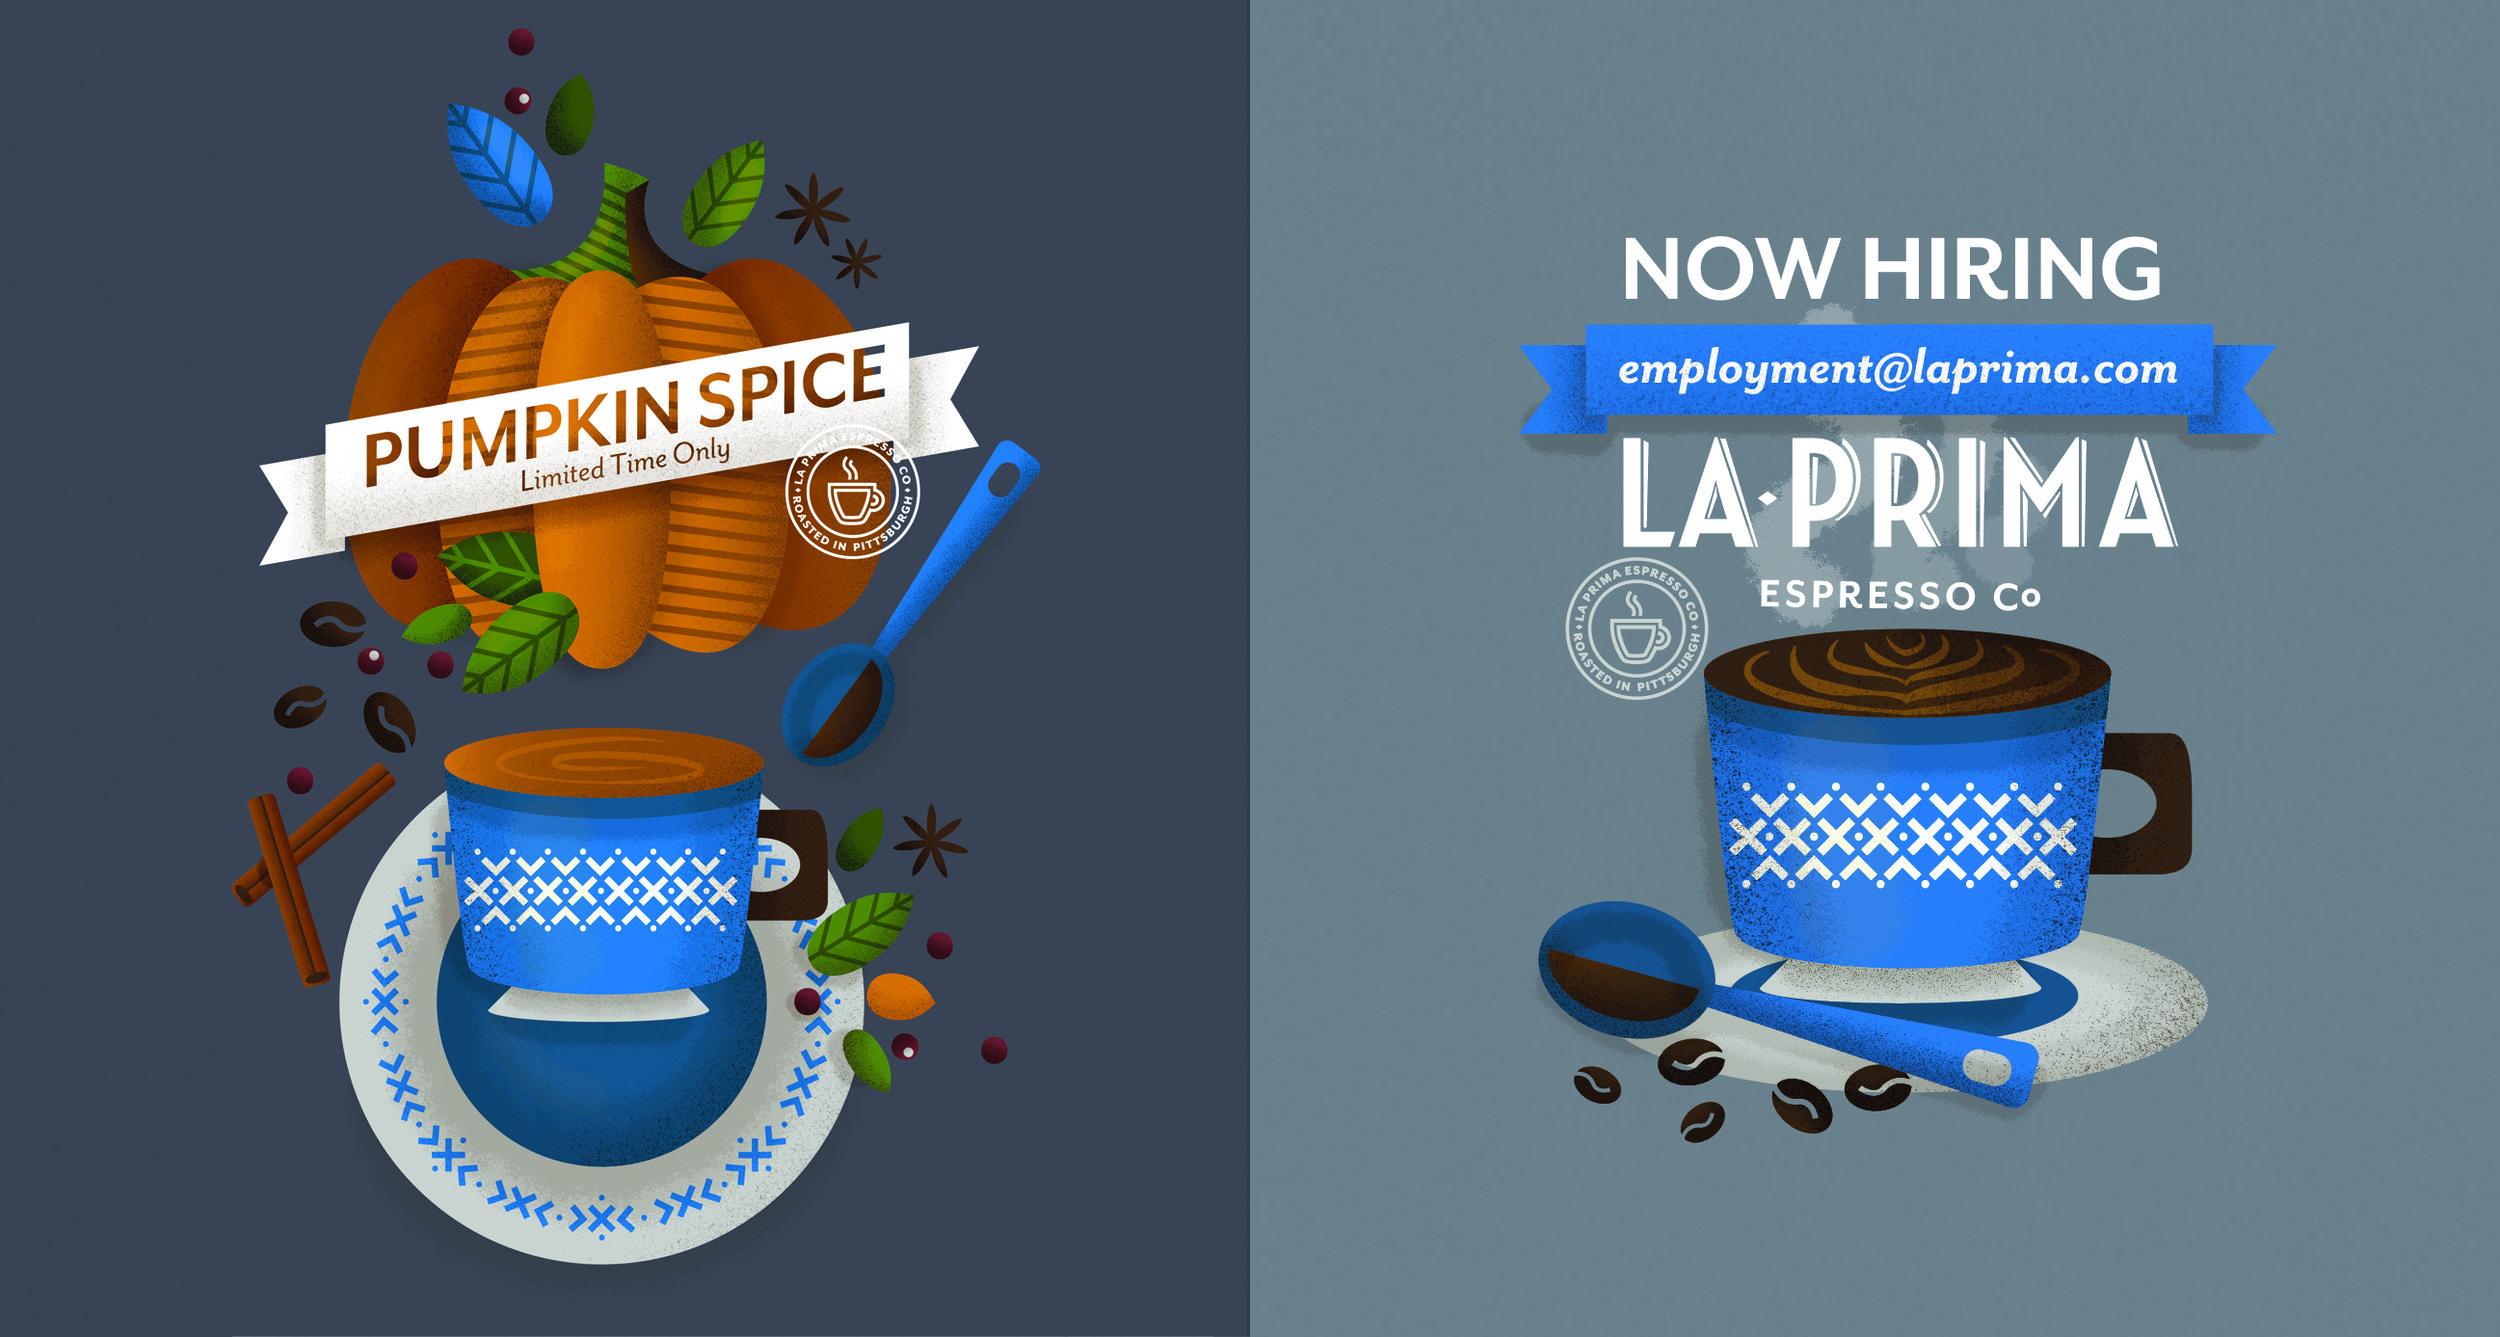 laprima_promo_bootstrap_design_co.jpg